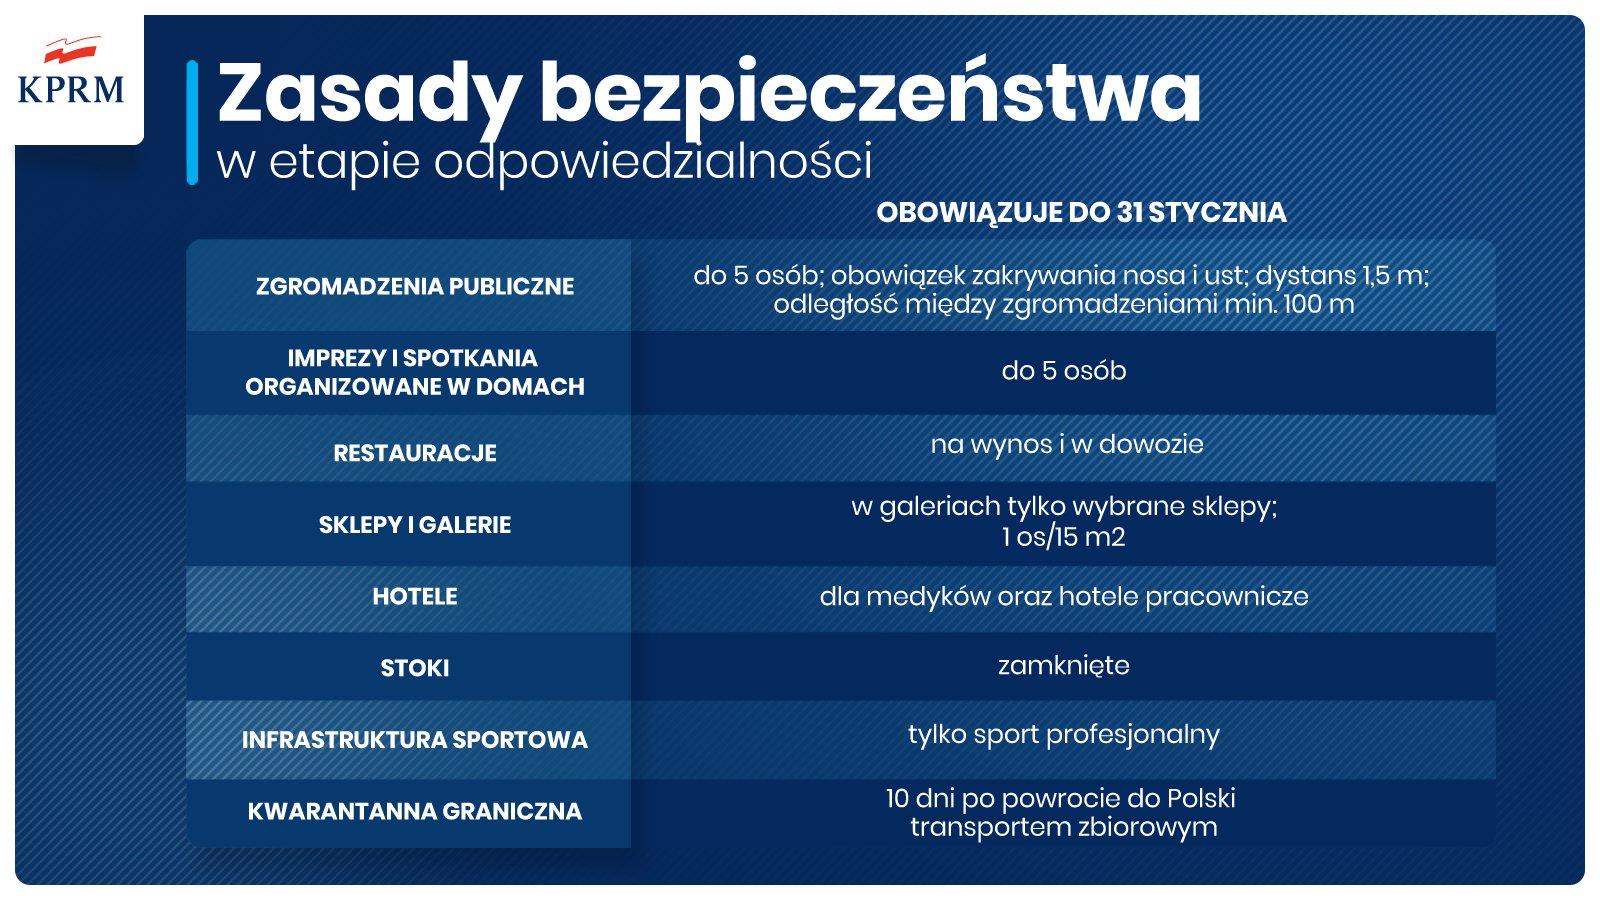 materiały Kancelarii Prezesa Rady Ministrów